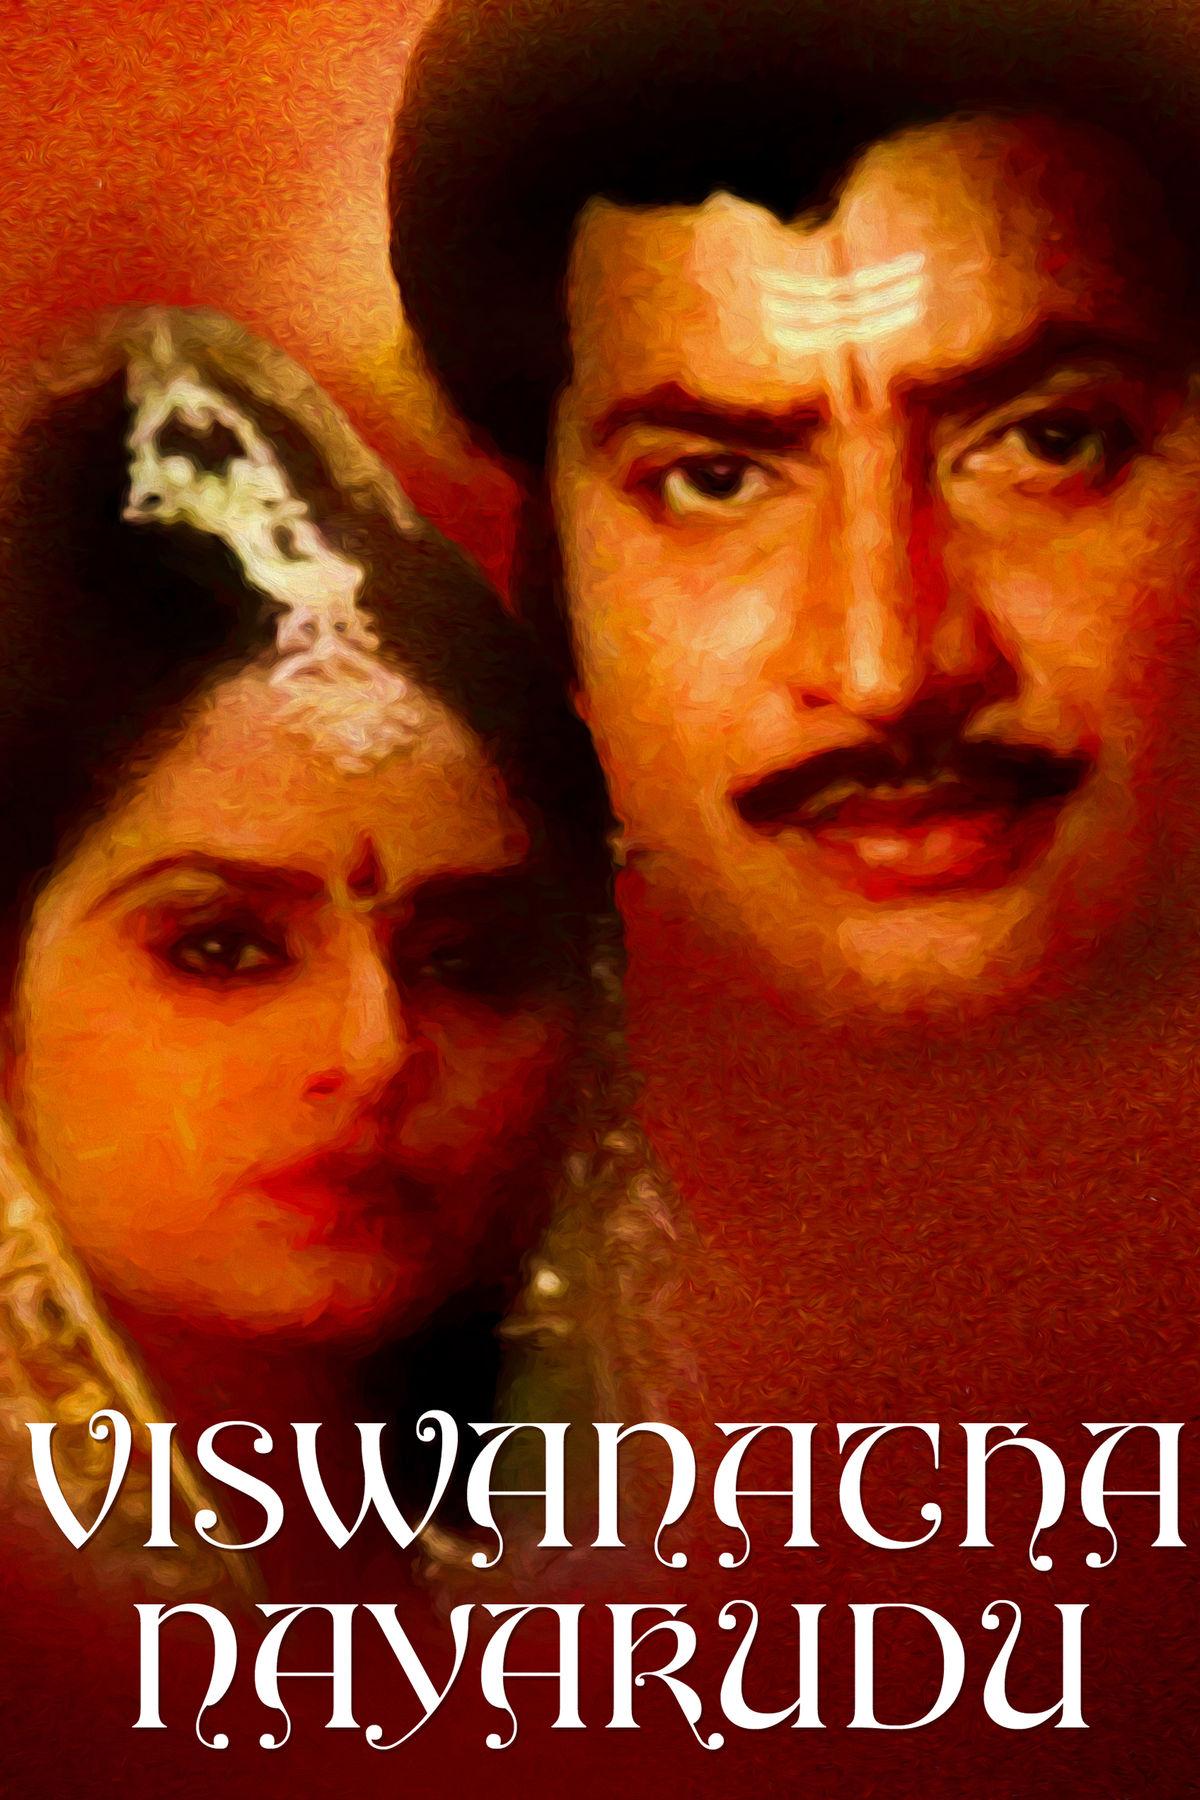 Viswanatha Nayakudu